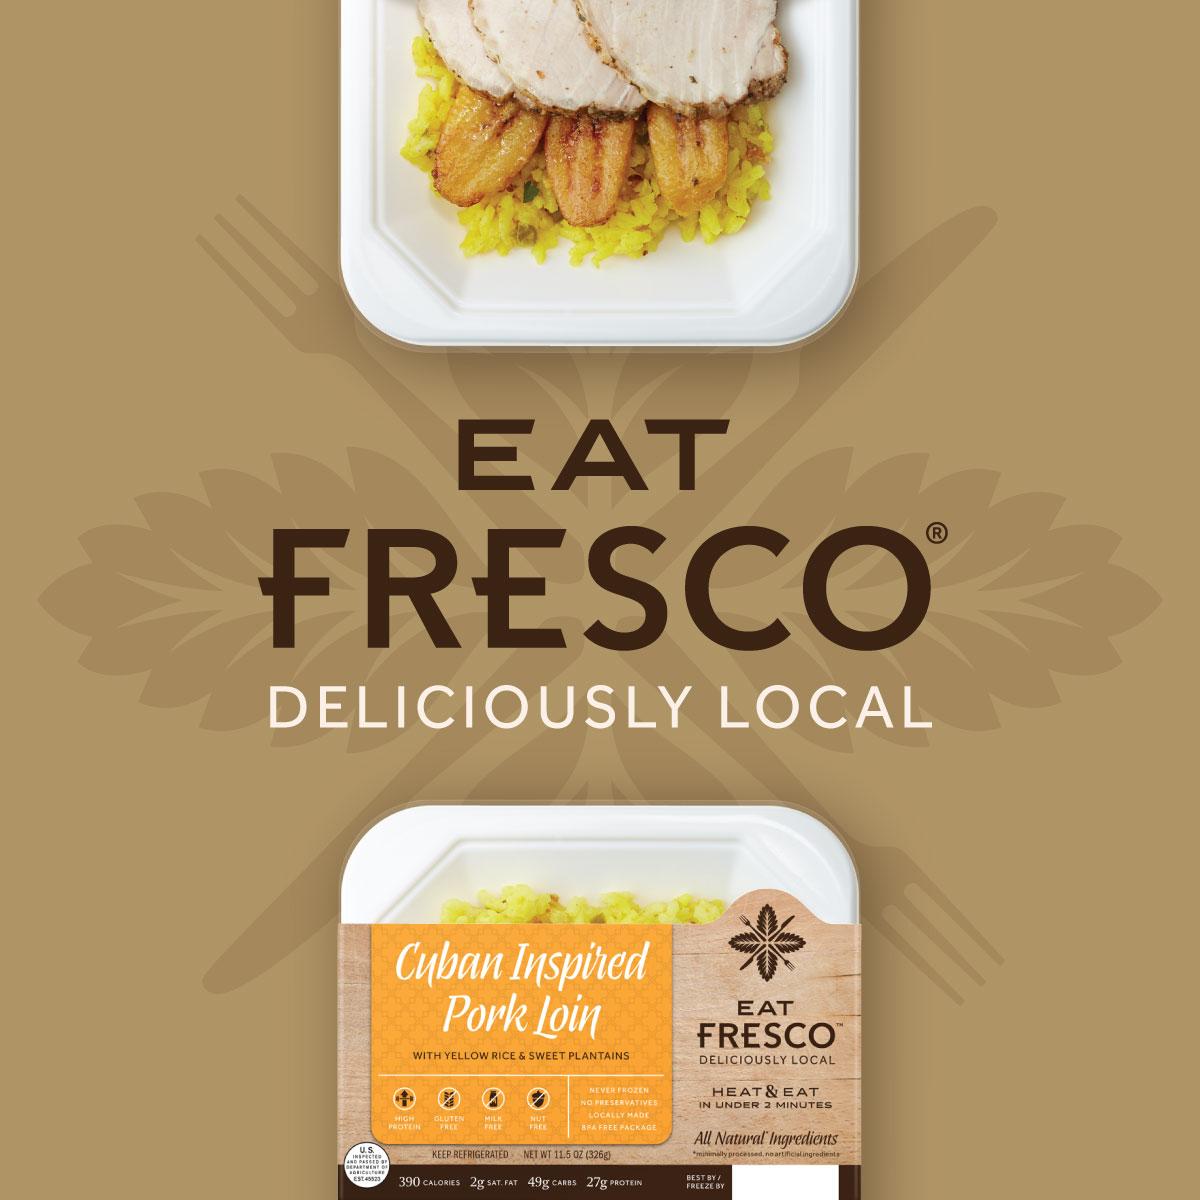 Eat Fresco Infographic